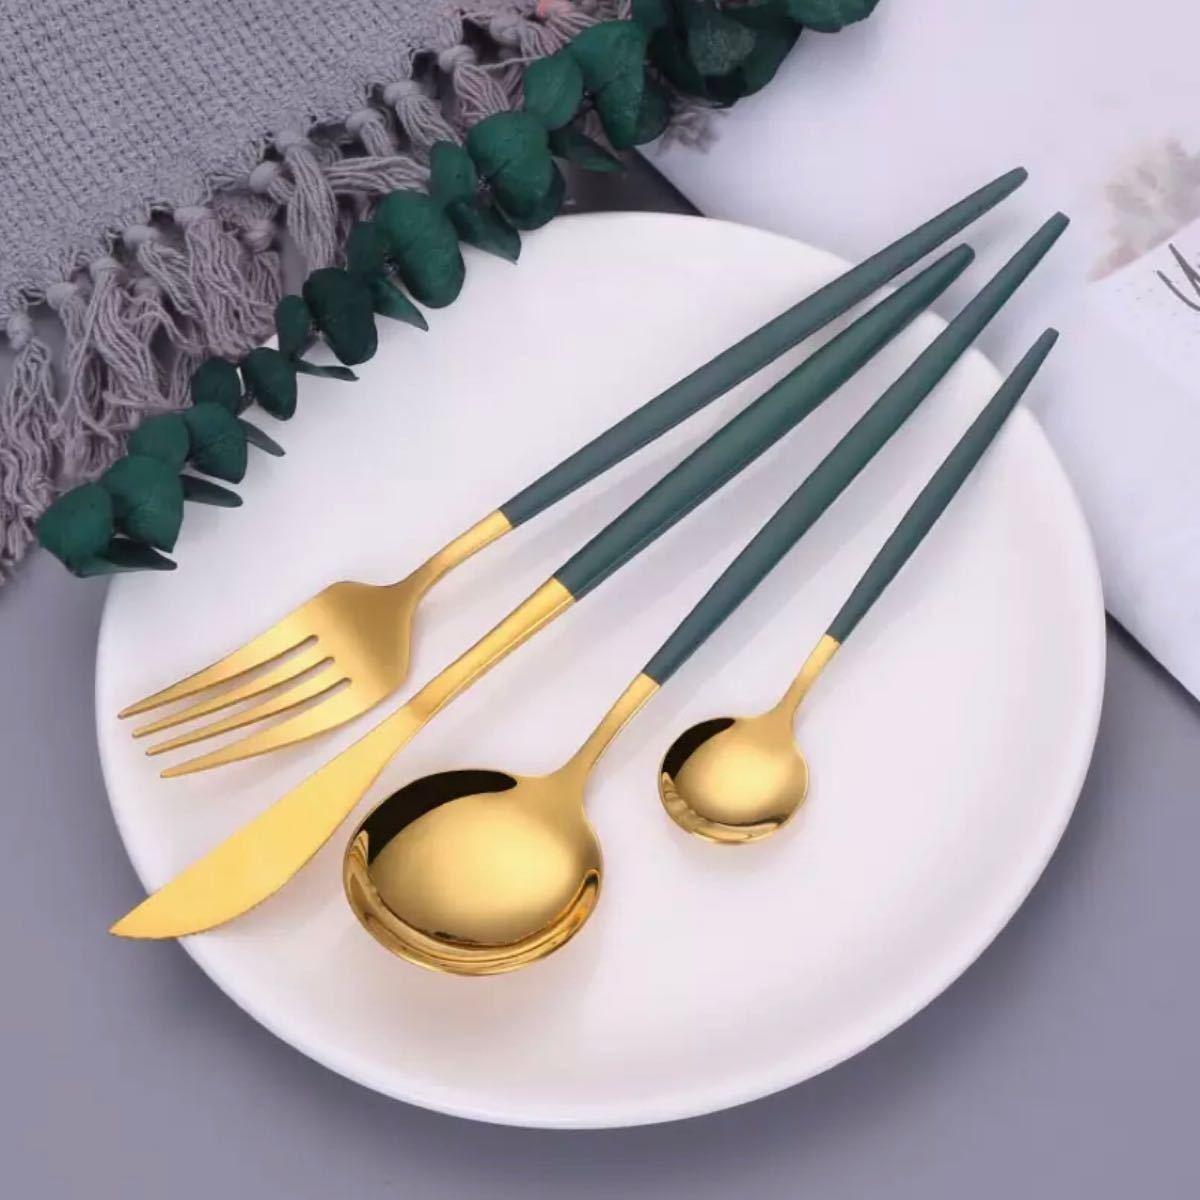 カトラリーセット緑グリーン ナイフ スプーンフォーク オシャレ 韓国 北欧雑貨